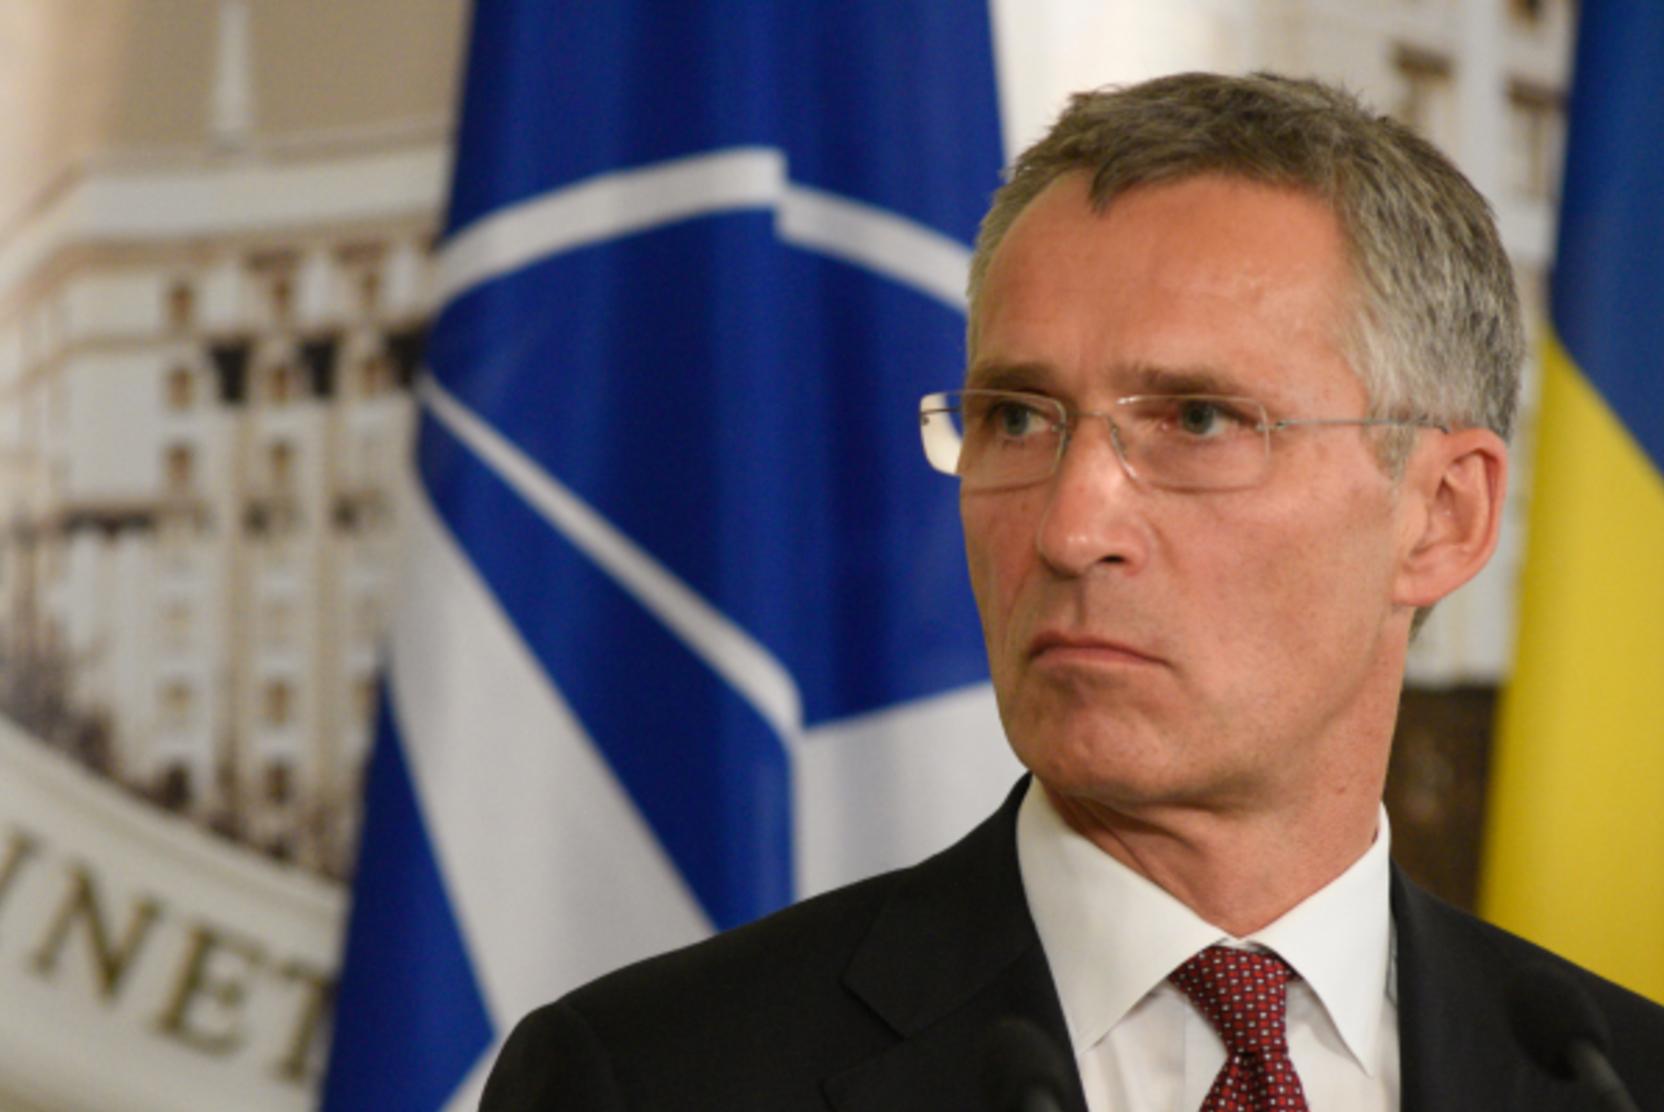 Столтенберг: ЕС и НАТО не смогут в одиночку справиться с вызовами от РФ